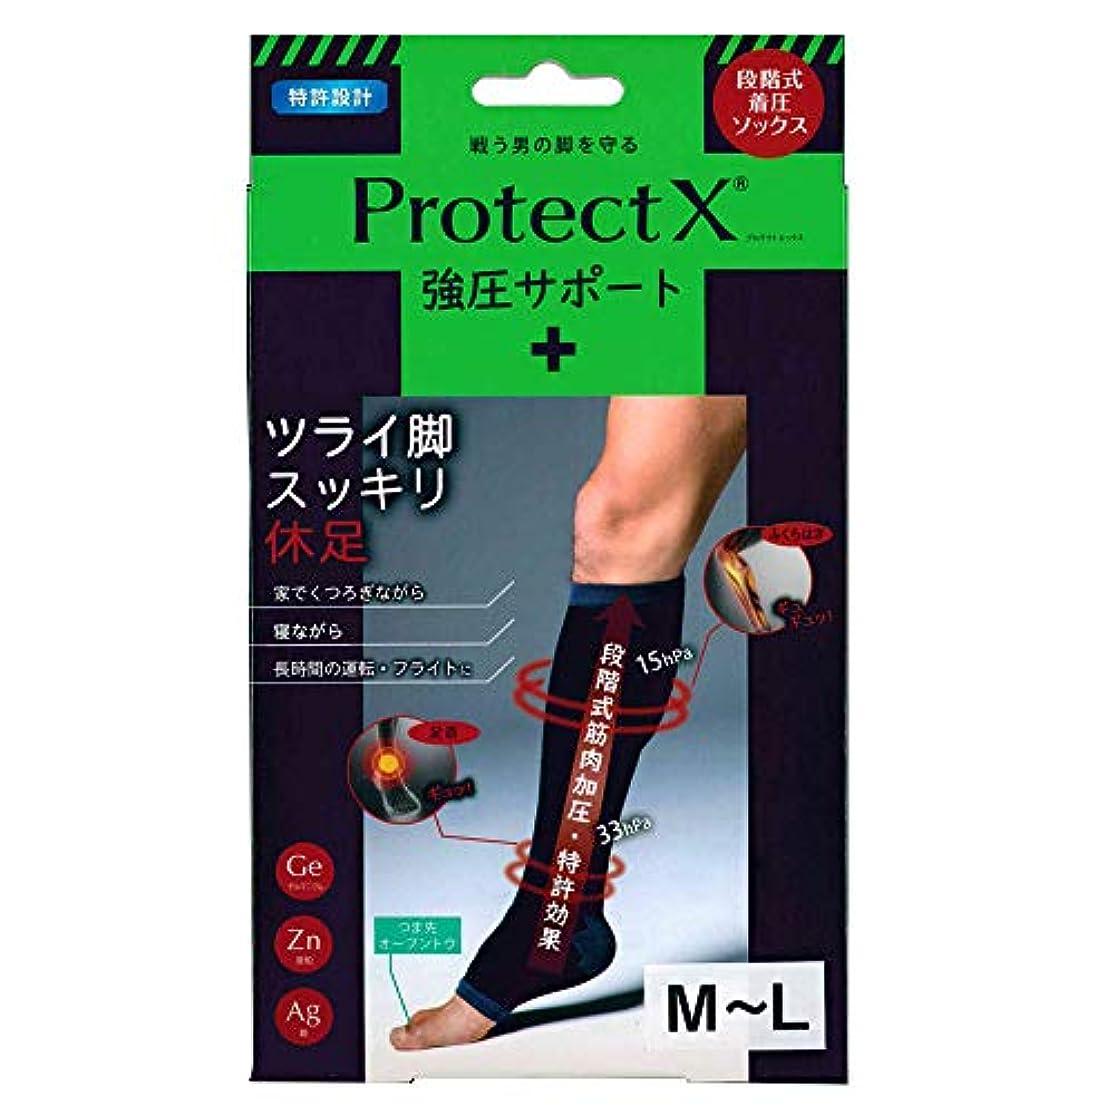 テニス十億スパンProtect X(プロテクトエックス) 強圧サポート オープントゥ着圧ソックス 膝下 (膝下M-L)